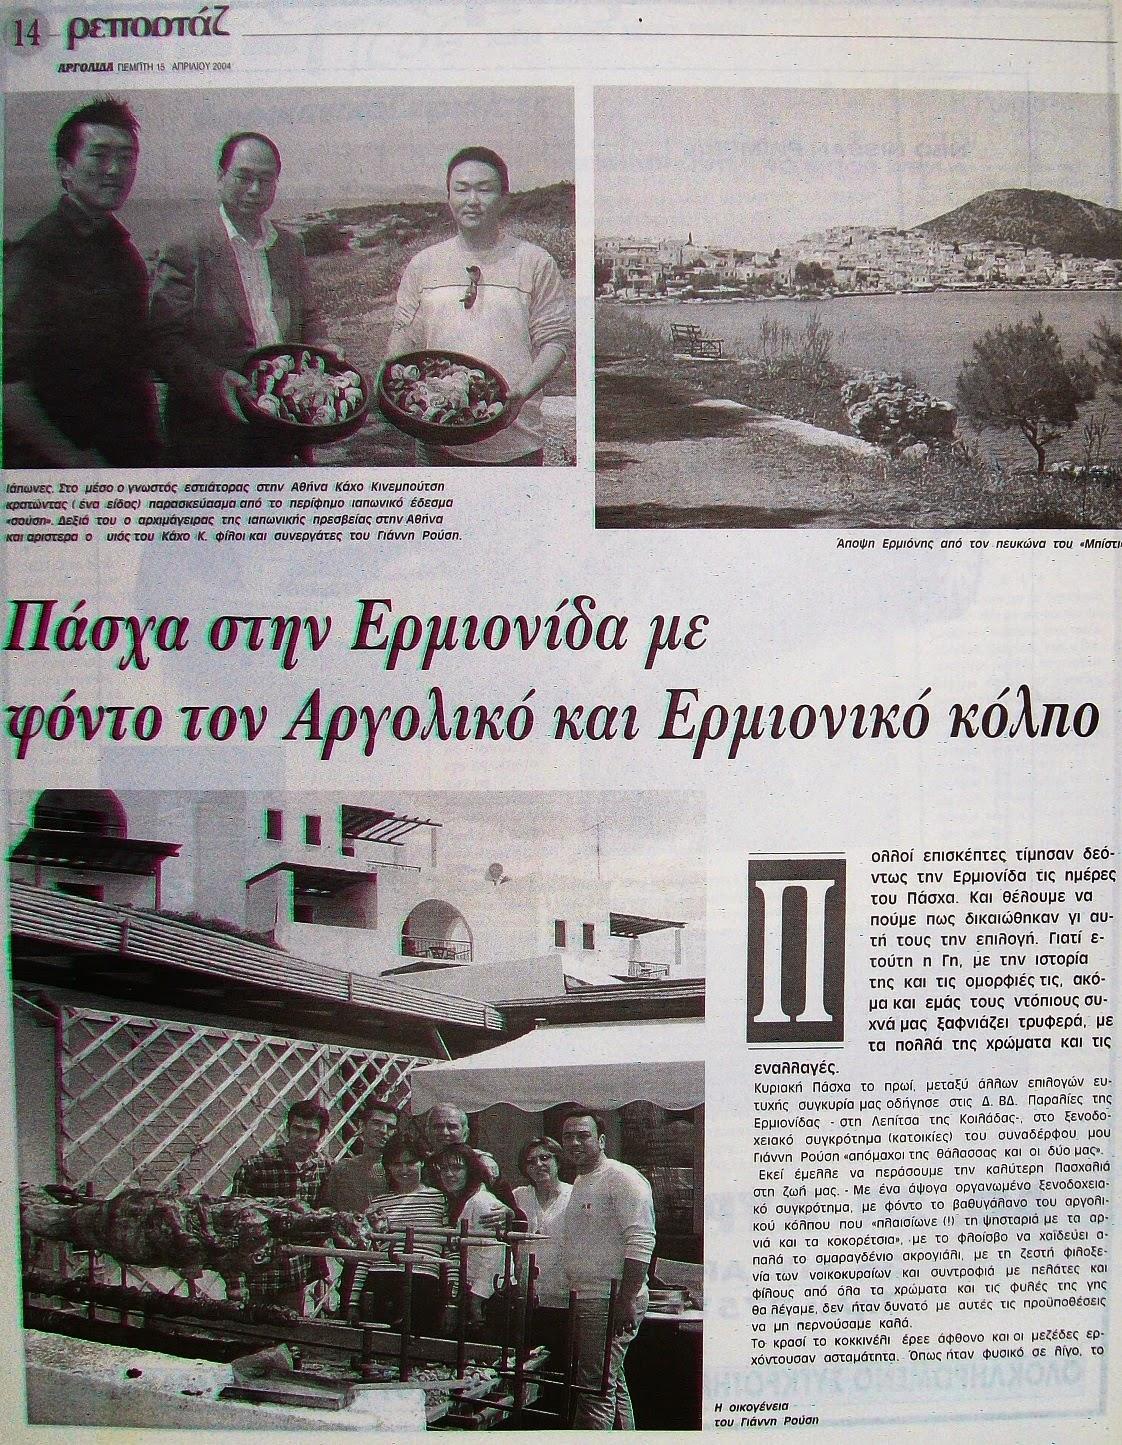 Πάσχα στην Ερμιονίδα 11 χρόνια πριν... ( αναρτήθηκε στις 12 Απριλίου 2015)